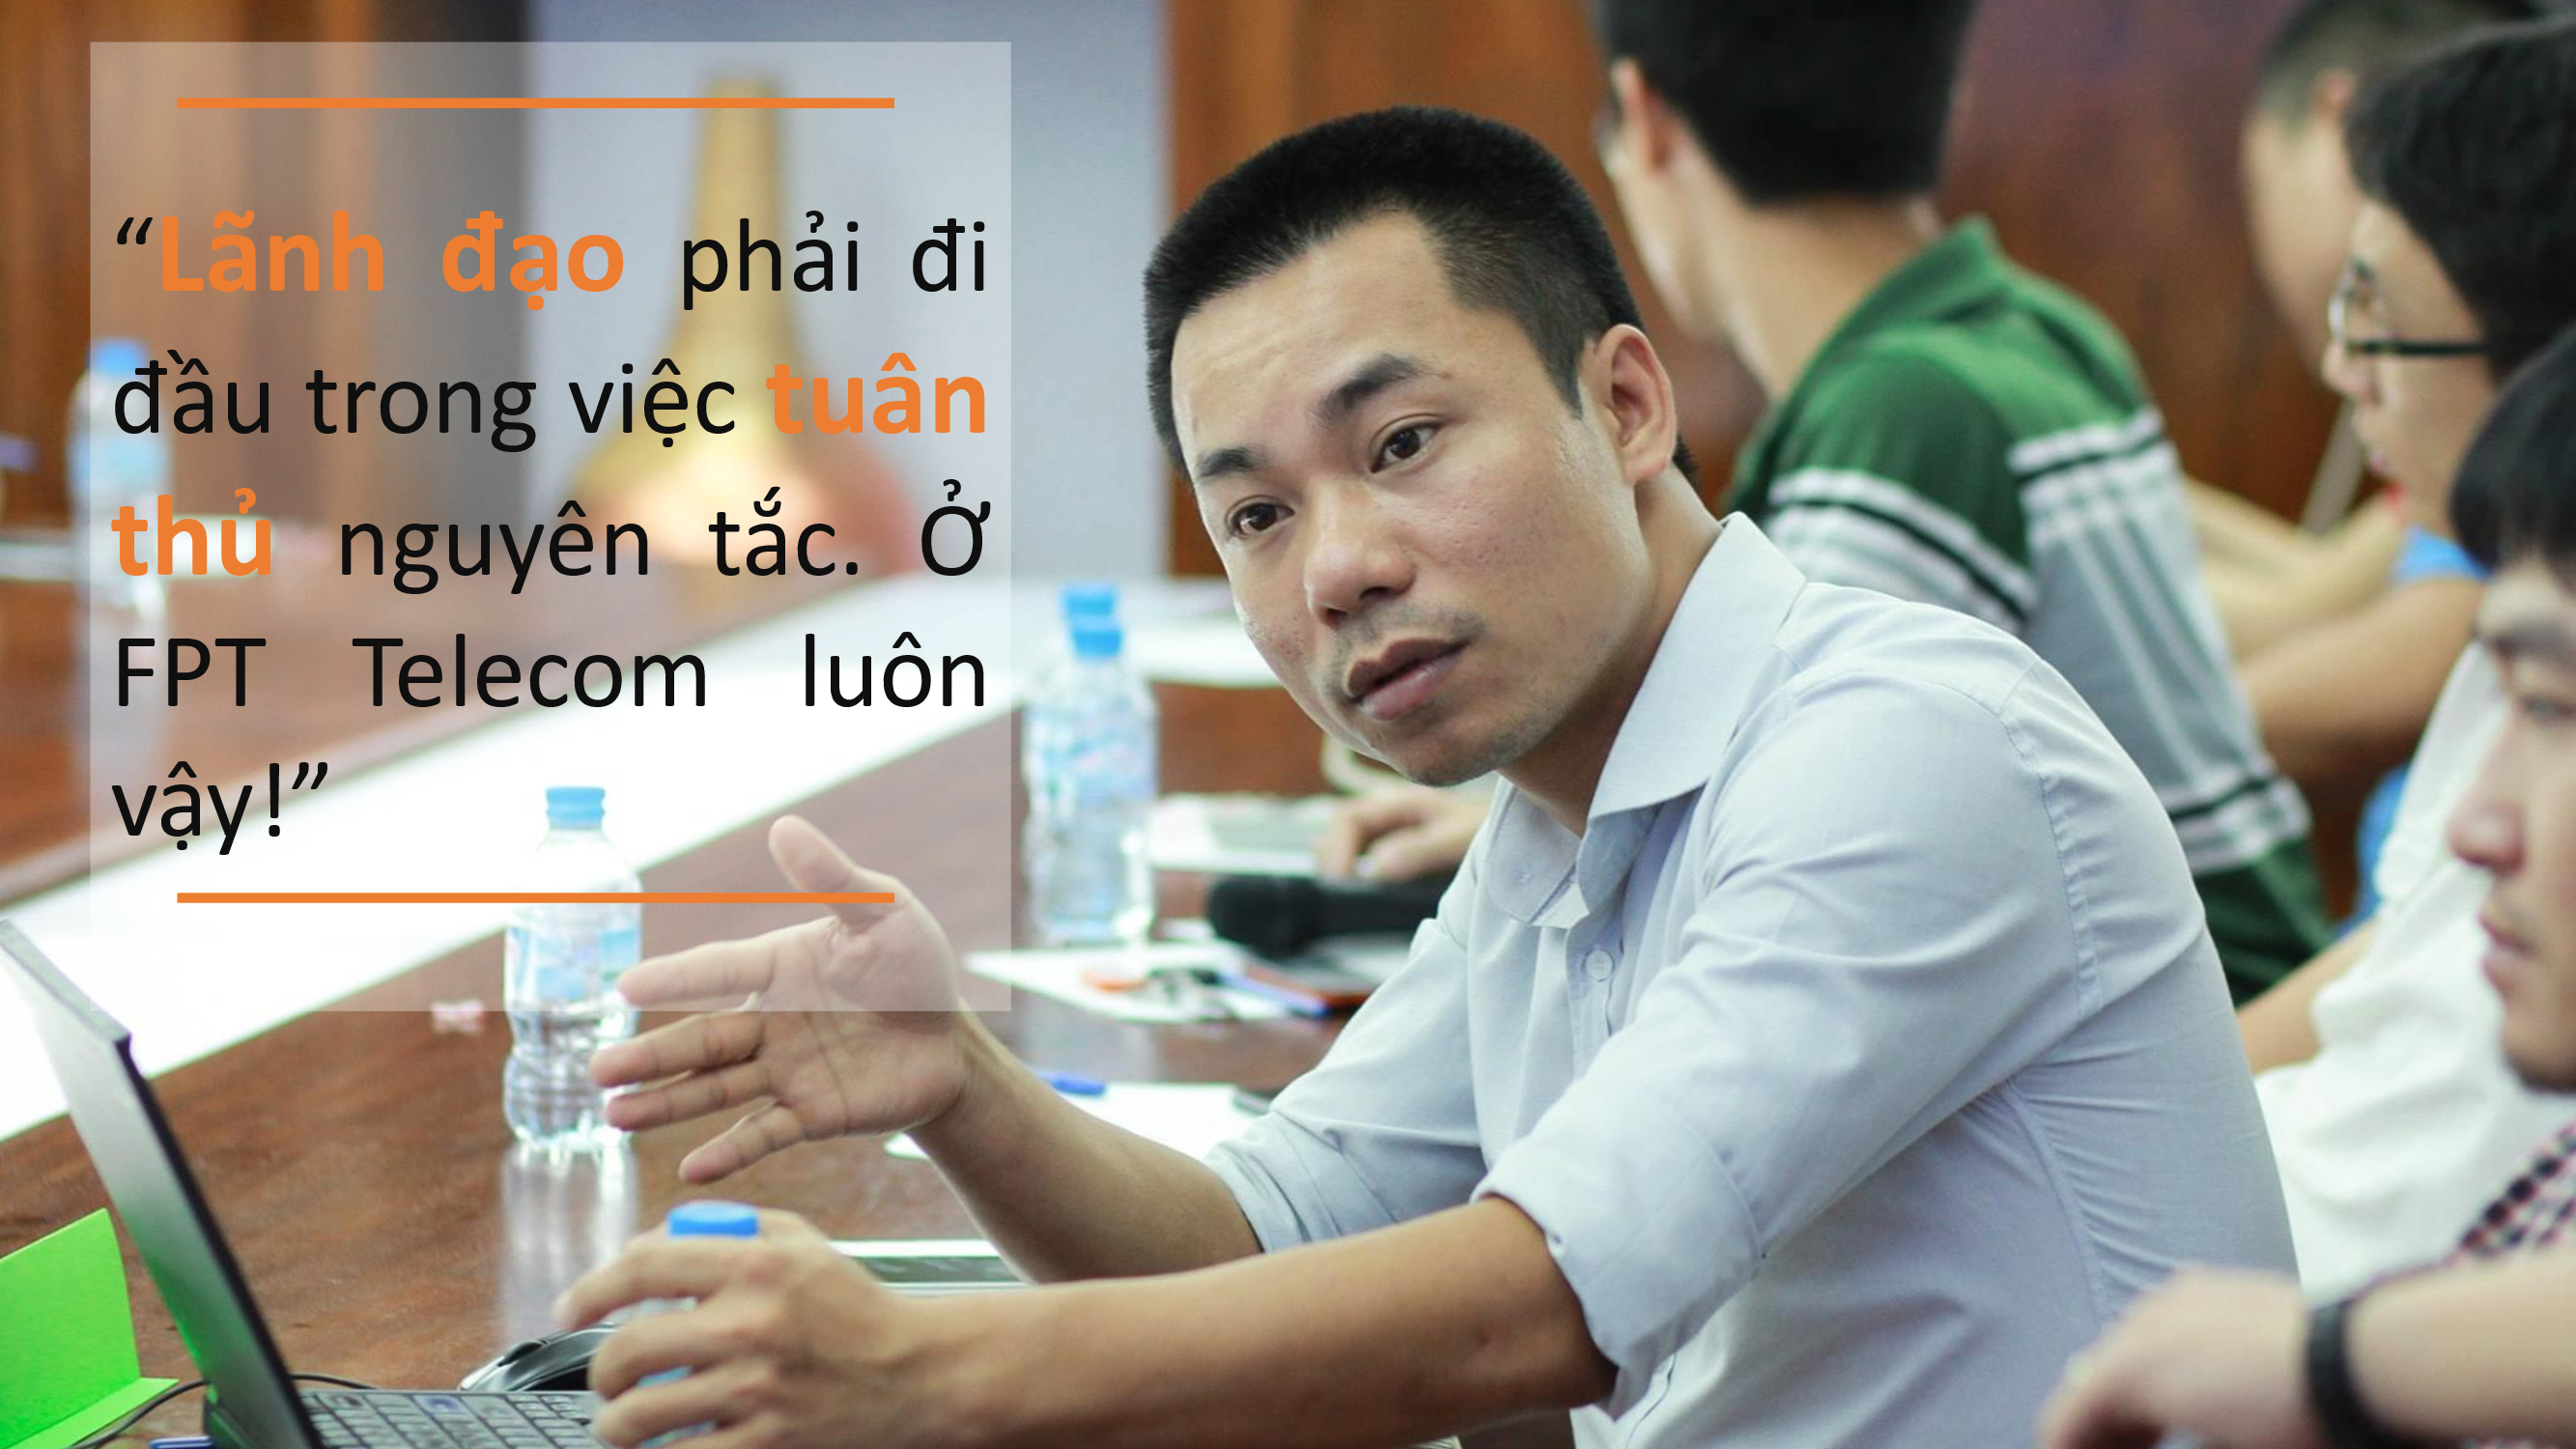 """Trong công ty, lãnh đạo và nhân viên luôn rõ ràng về mọi công việc. """"Lãnh đạo luôn là người đi đầu trong việc tuân thủ nguyên tắc, thậm chí từ việc phản hồi mail, tốc độ deadline"""", anh Nguyễn Ngọc Quang, Phó GĐ FPT Telecom Vùng 4, tâm đắc. Bên cạnh đó, đối với anh Quang, việc tuân thủ tiến độ deadline là việc cần thiết nâng cao giá trị, tinh thần tự giác của CBNV và doanh nghiệp."""